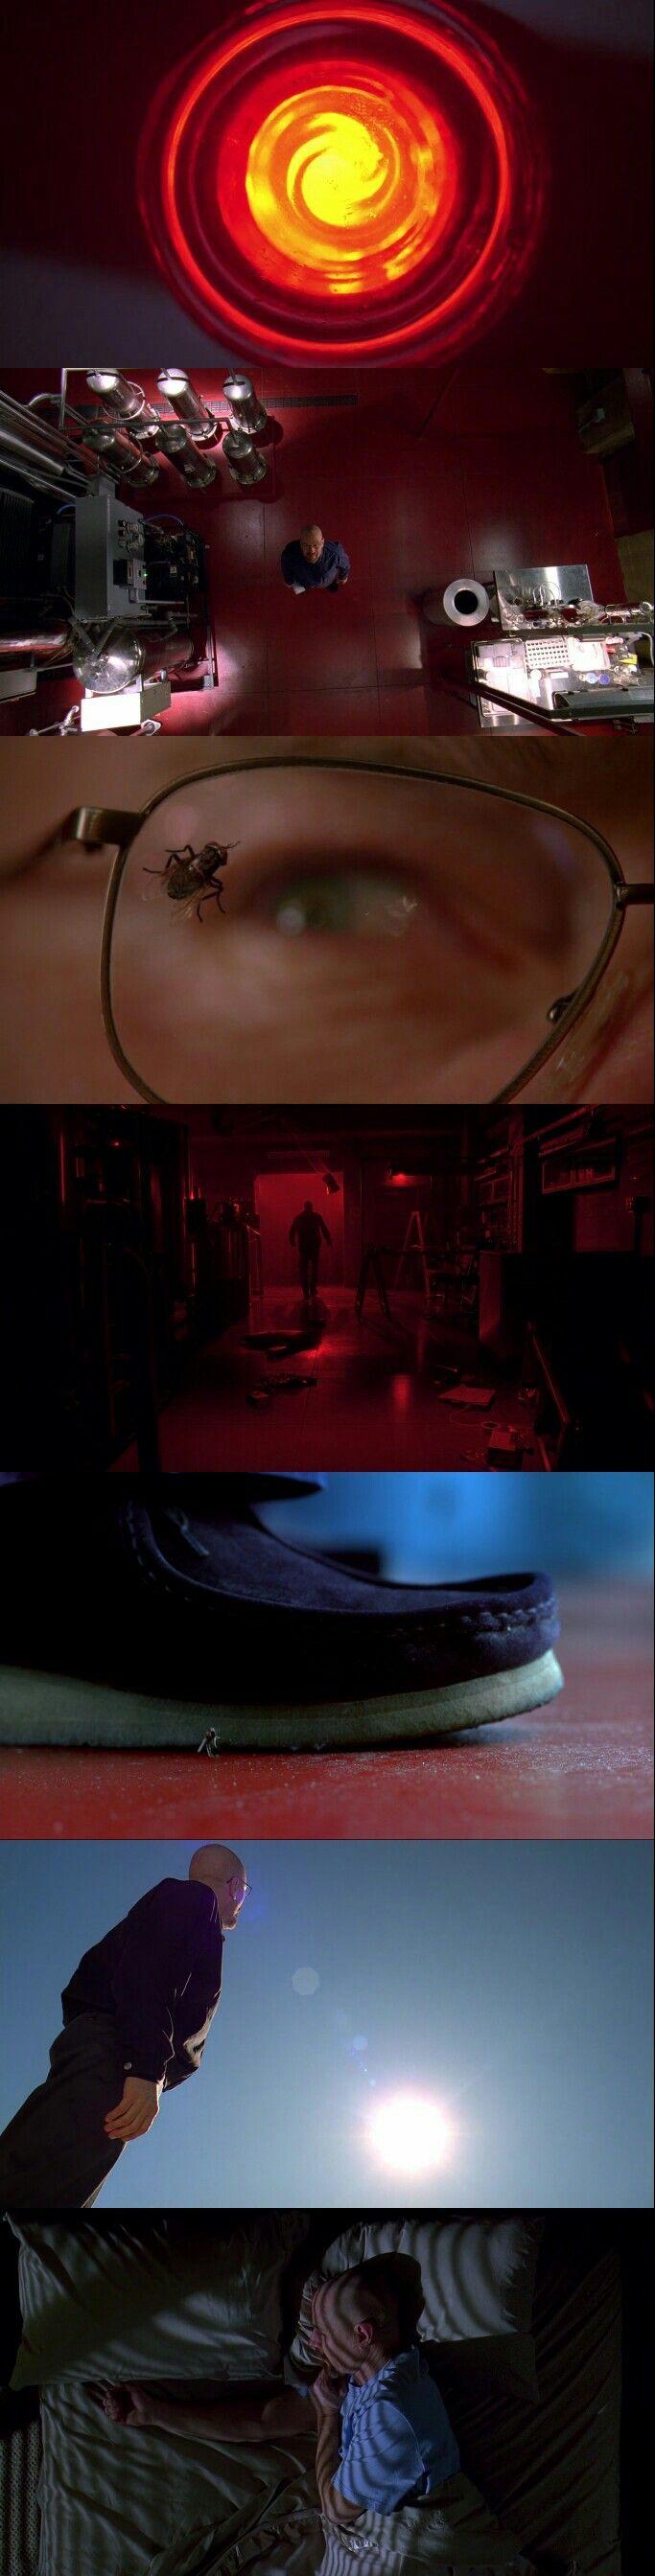 Breaking Bad (2008 - 2013) Season 3 Episode 10 : Fly  El episodio más aburrido de BB pero cinematográficamente es fantástico